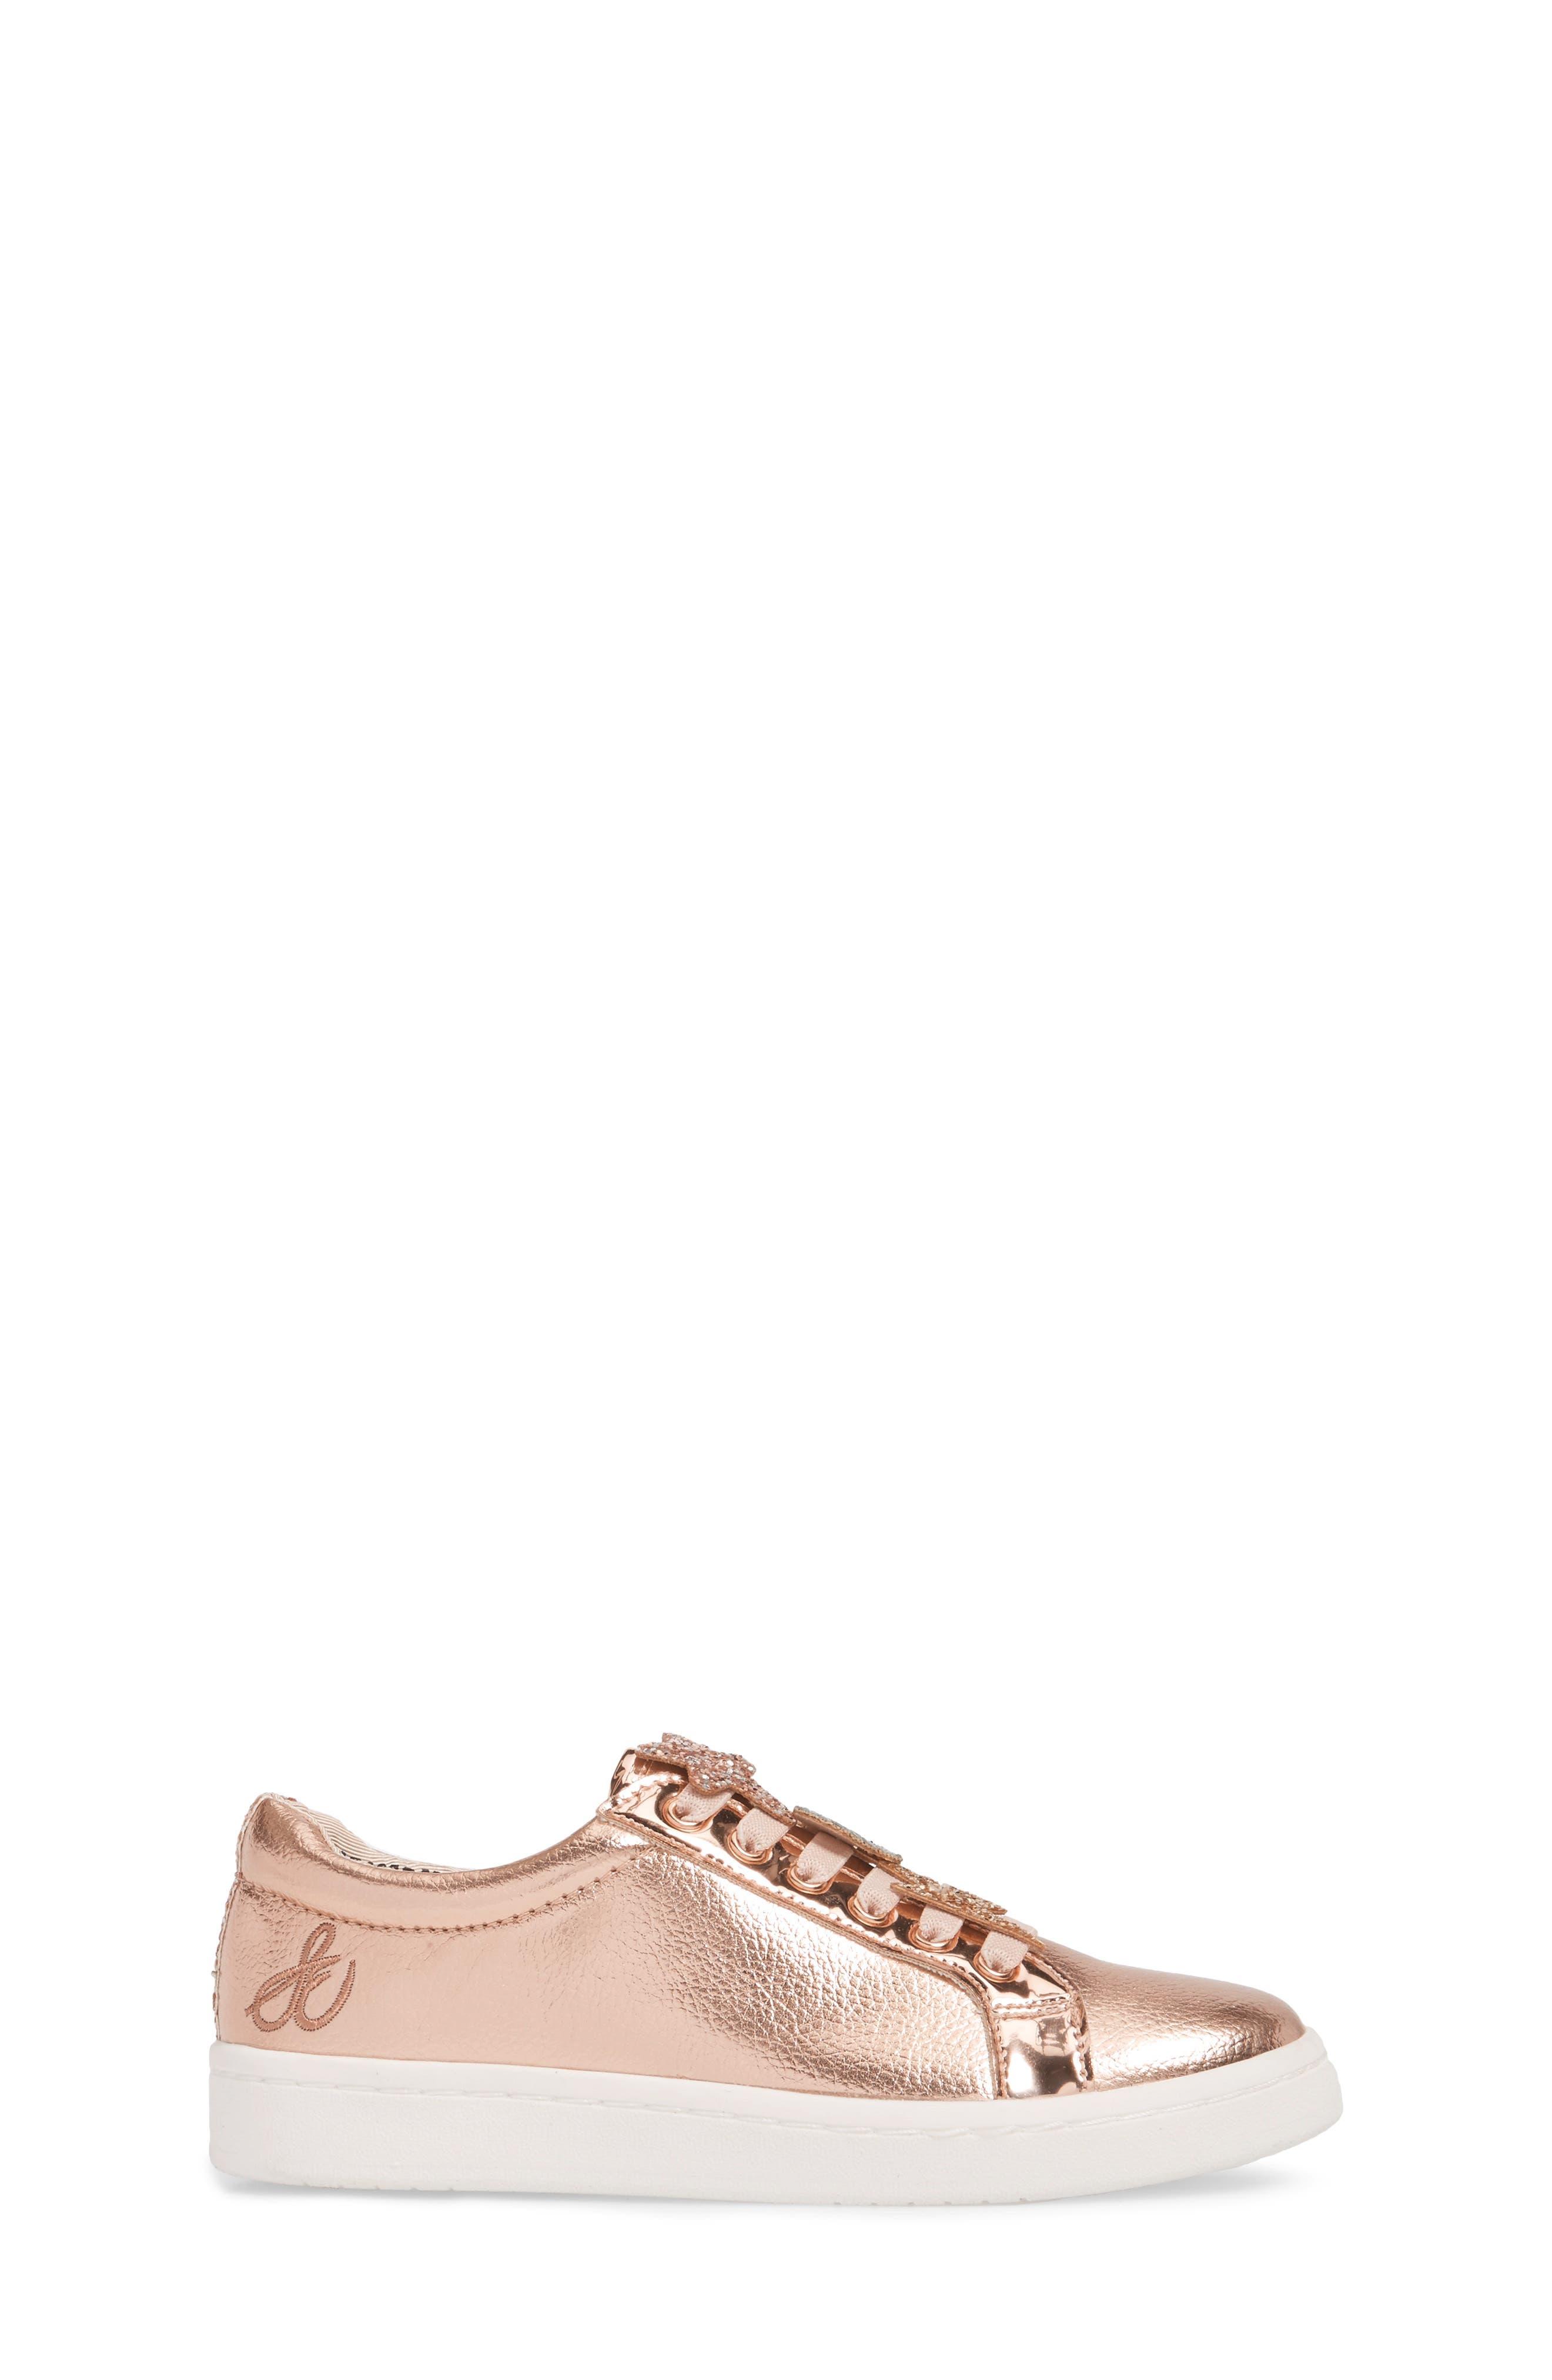 Blane Sammie Slip-On Sneaker,                             Alternate thumbnail 3, color,                             220